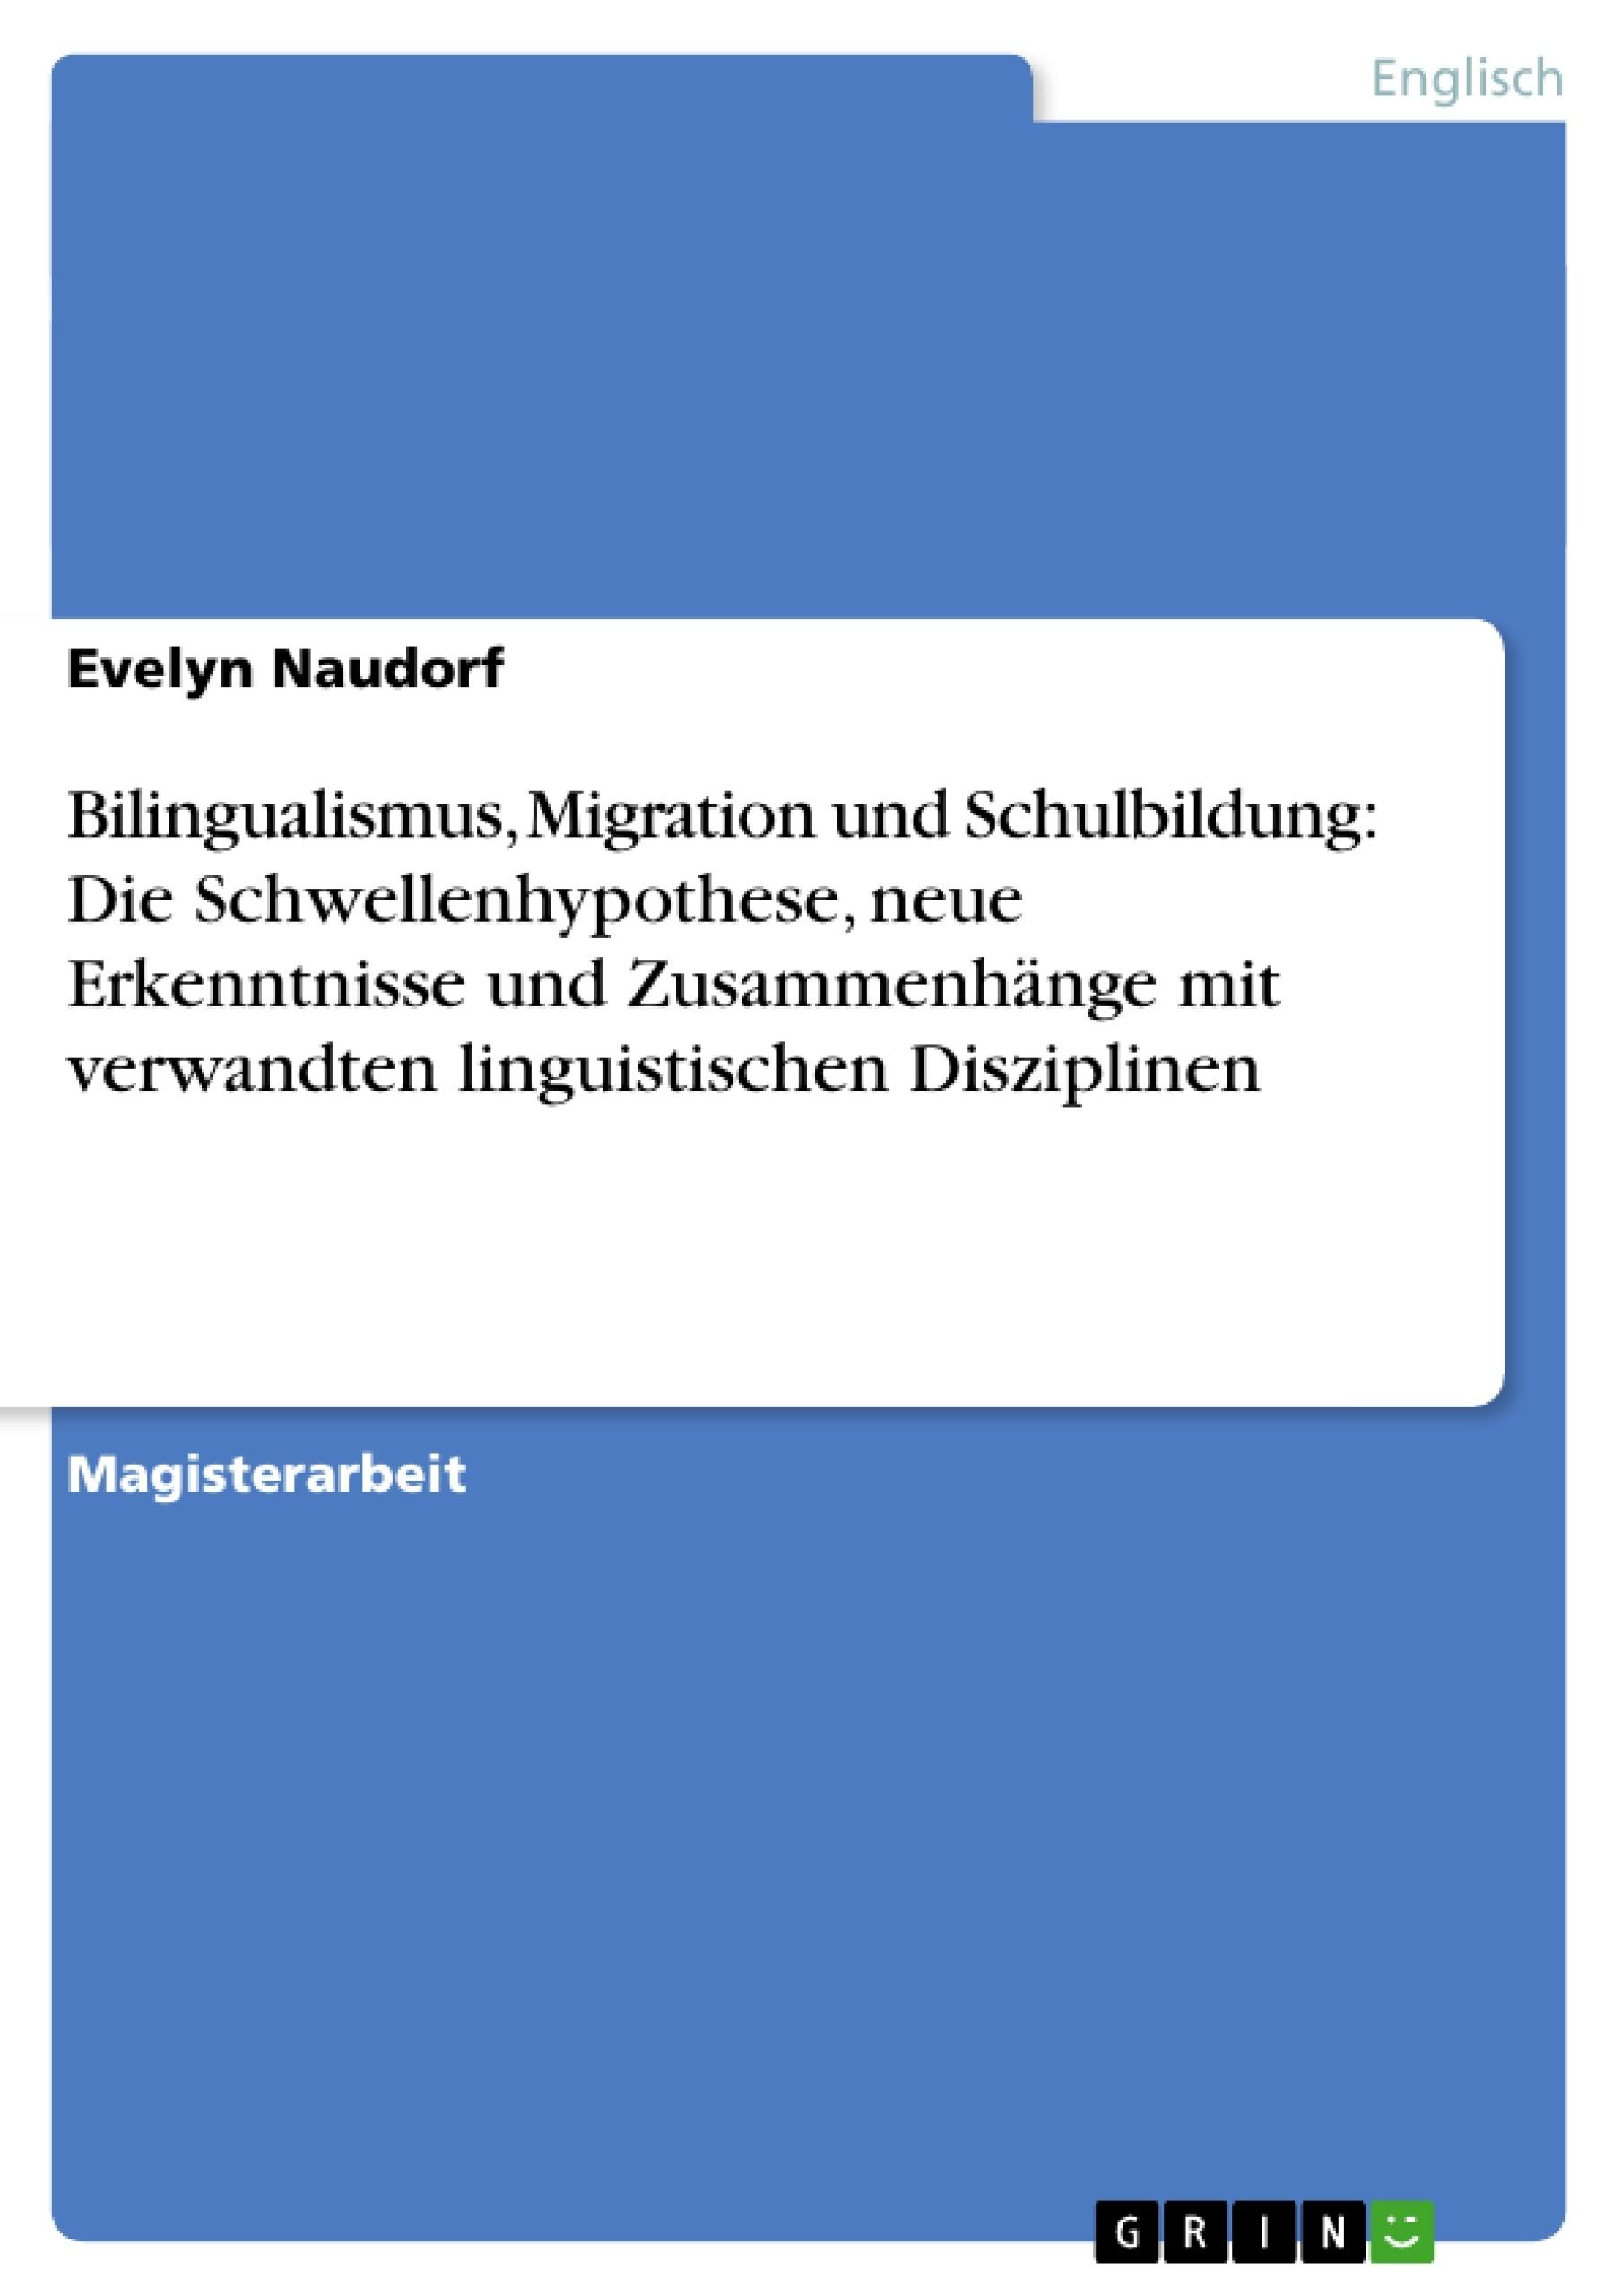 Titel: Bilingualismus, Migration und Schulbildung: Die Schwellenhypothese, neue Erkenntnisse und Zusammenhänge mit verwandten linguistischen Disziplinen